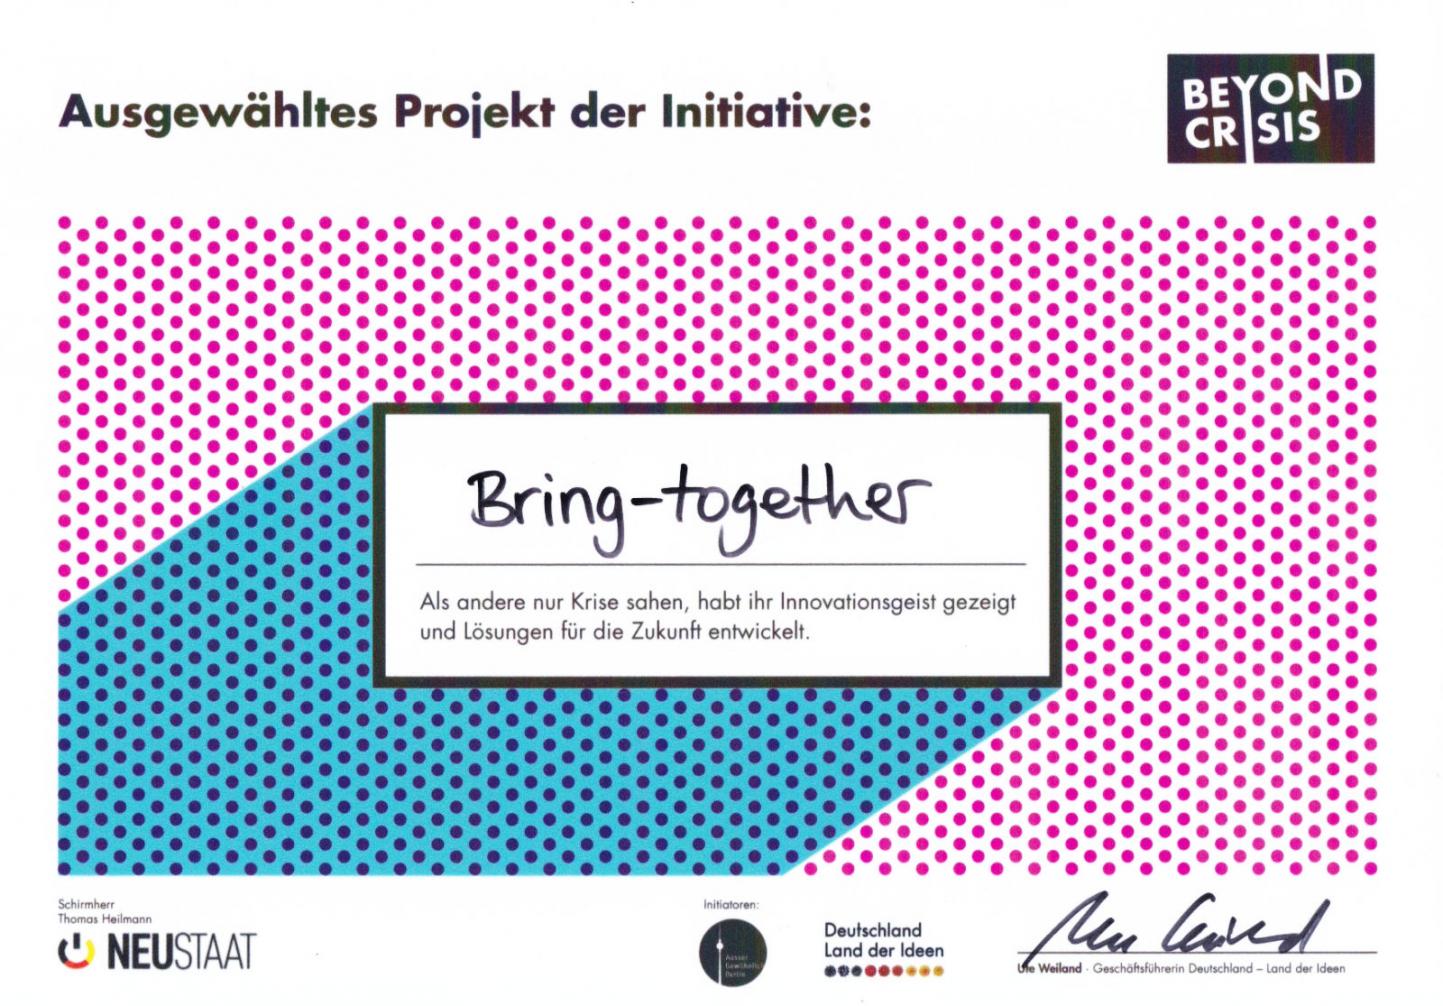 Urkunde für bring-together als ausgewähltes Projekt der Initiative Beyond Crisis – Zeit für neue Lösungen